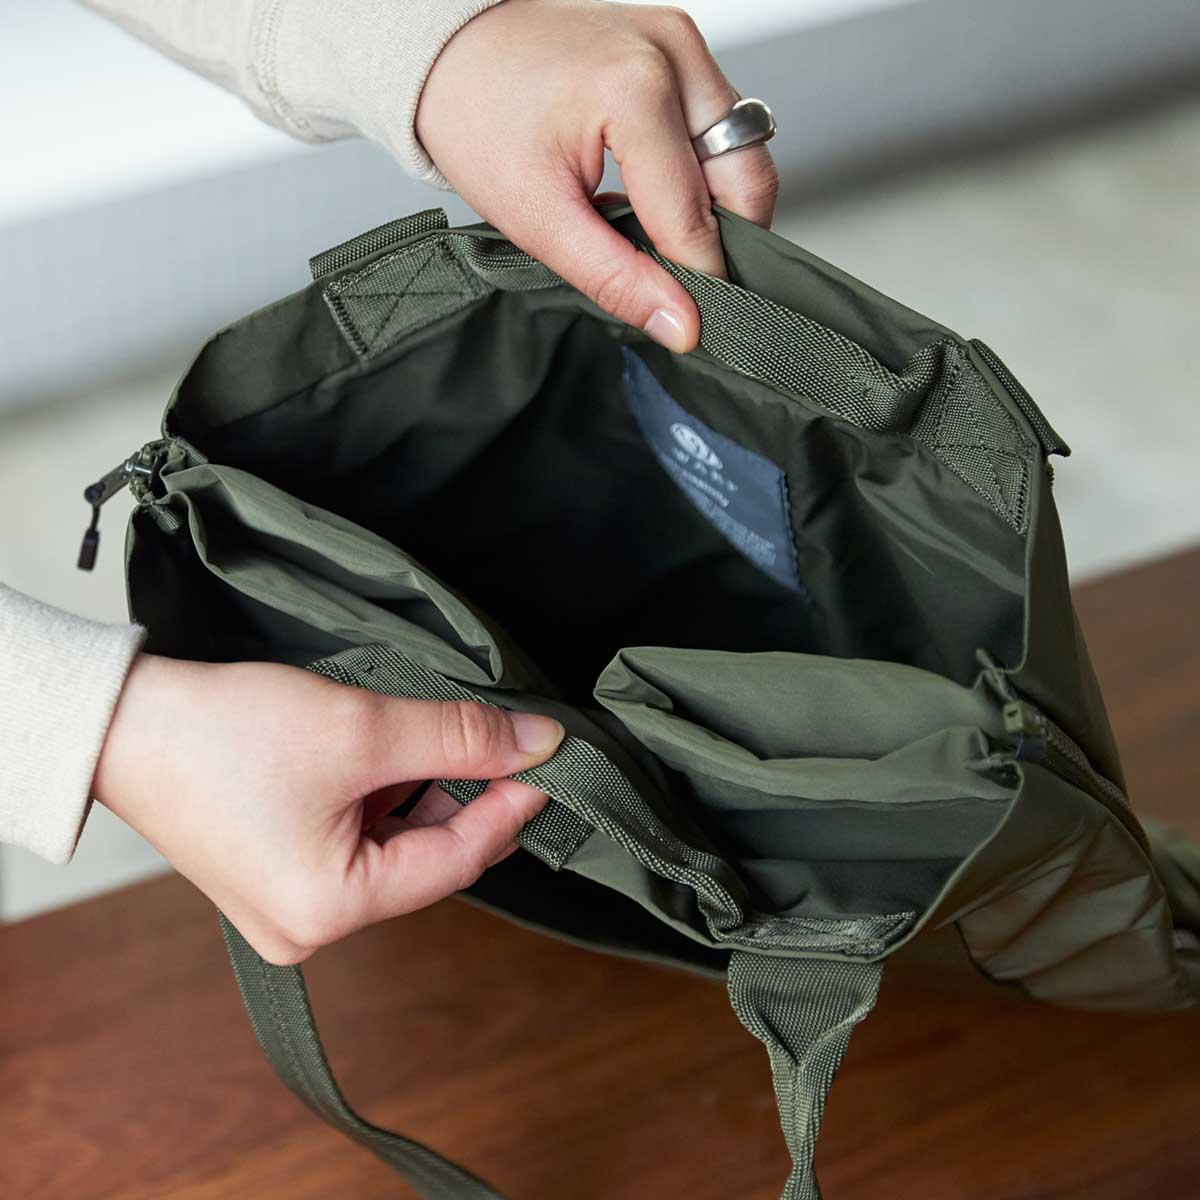 マイボトル、もう一方は折畳み傘を入れるのに、ぴったりな二つのタテ型ポケット。薄型トートバッグが大容量バッグに変身するバッグ|WARPトランスフォームジッパーバッグ